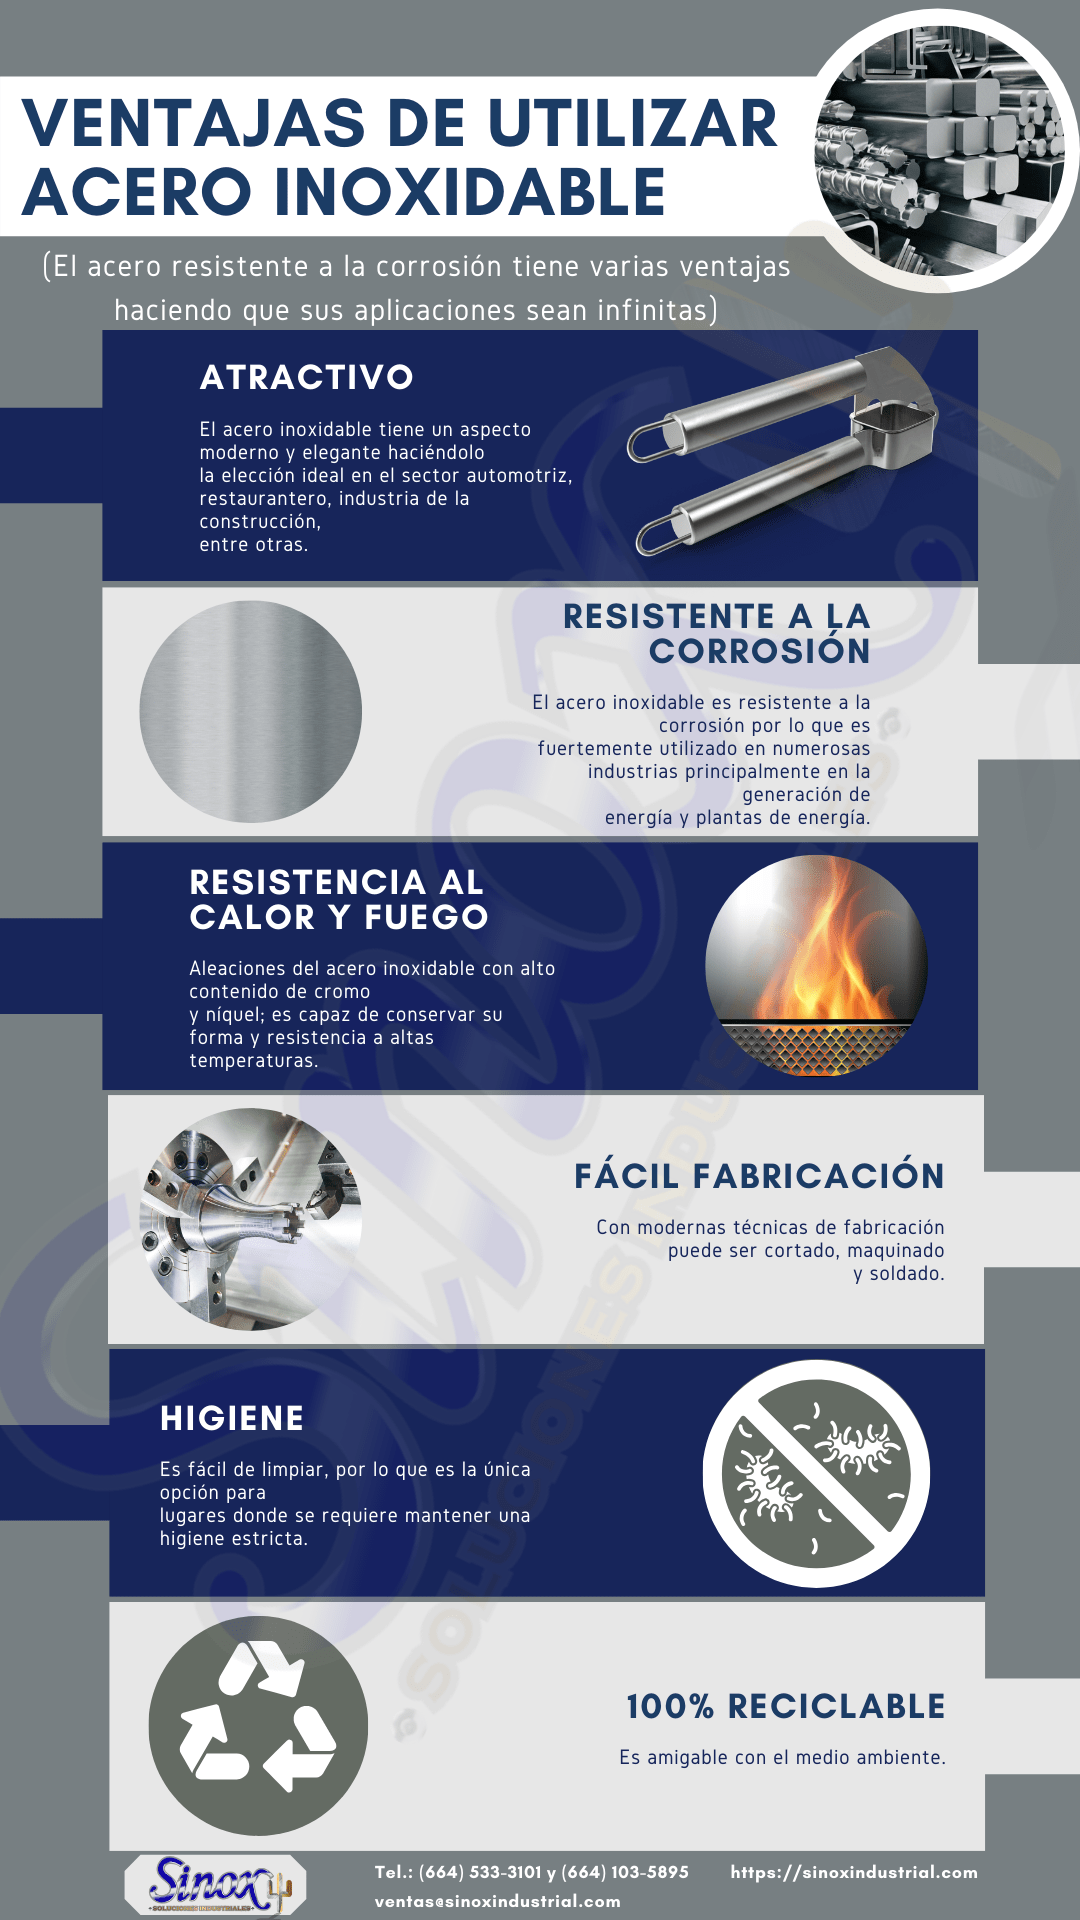 Infografia Ventajas Acero Inoxidable